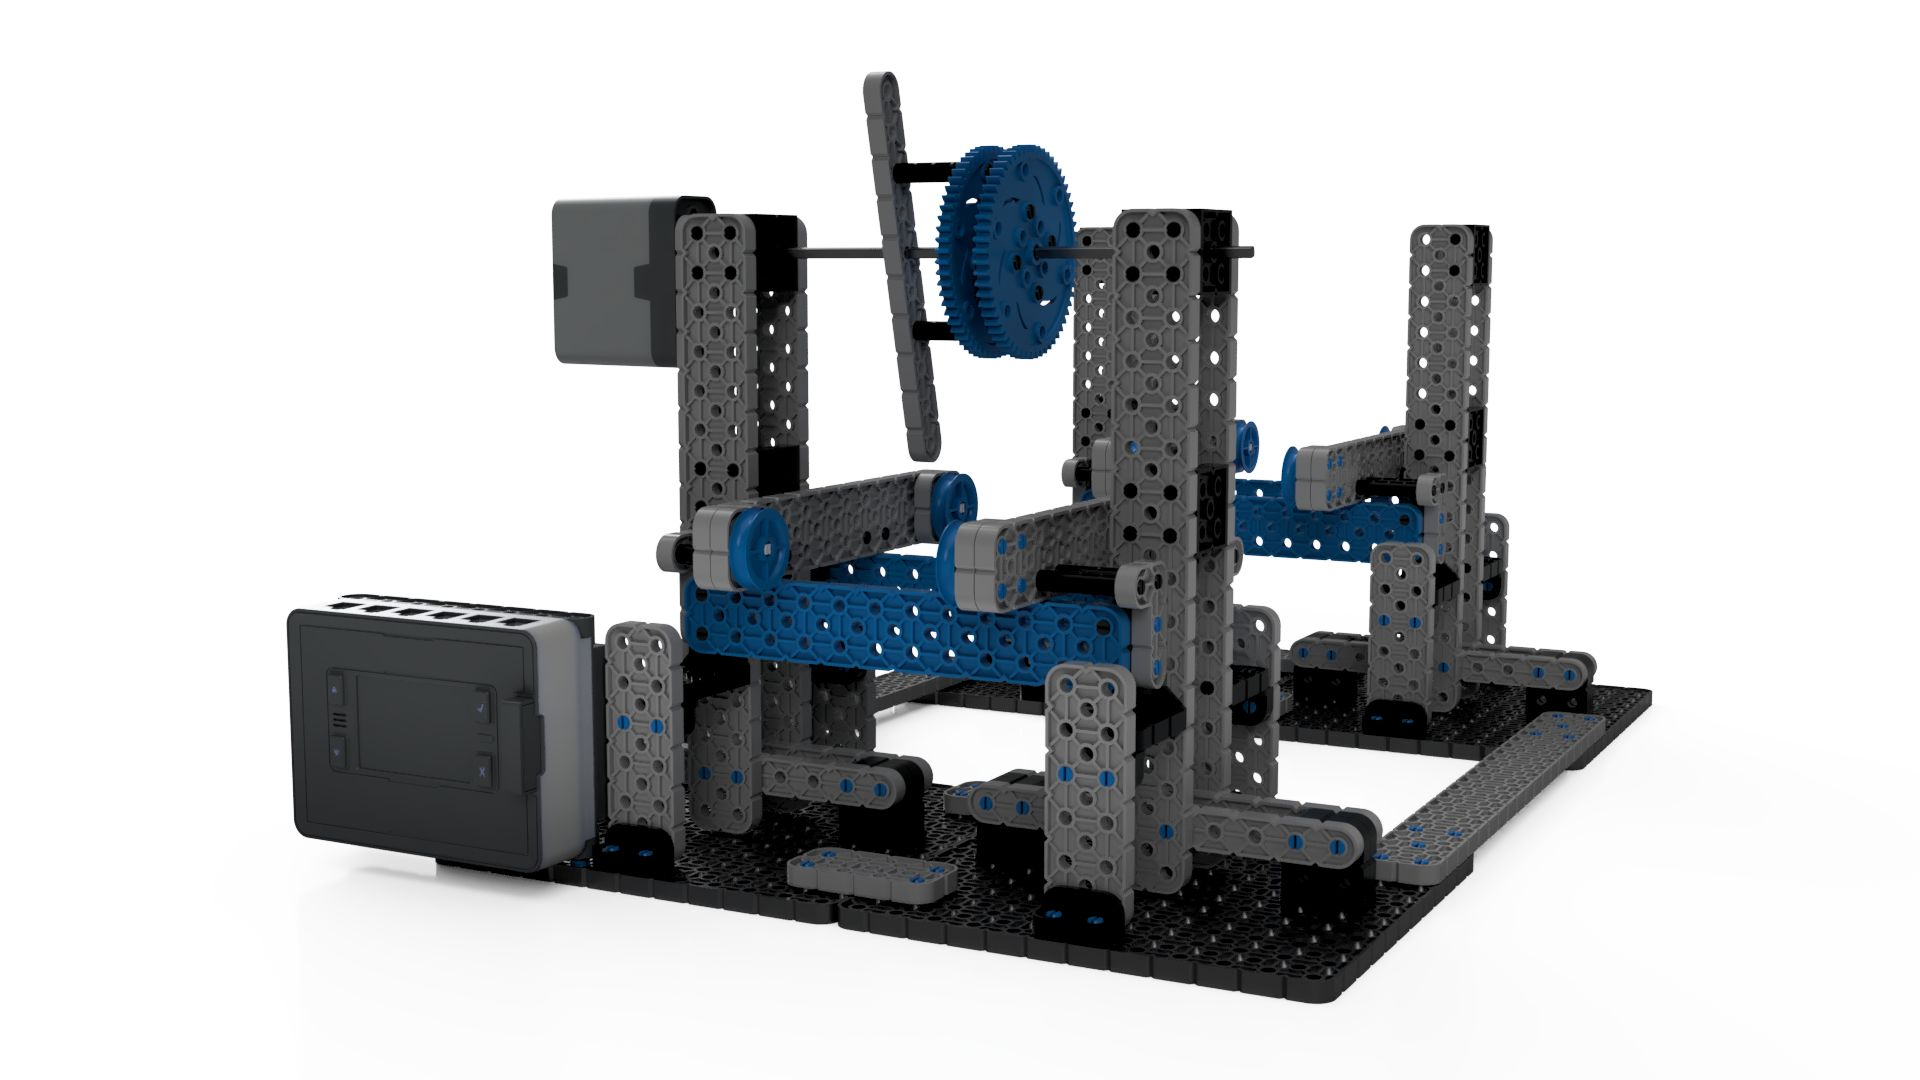 Robot-bobina-fila-2018-jul-03-04-09-06pm-000-customizedview27756319838-3500-3500